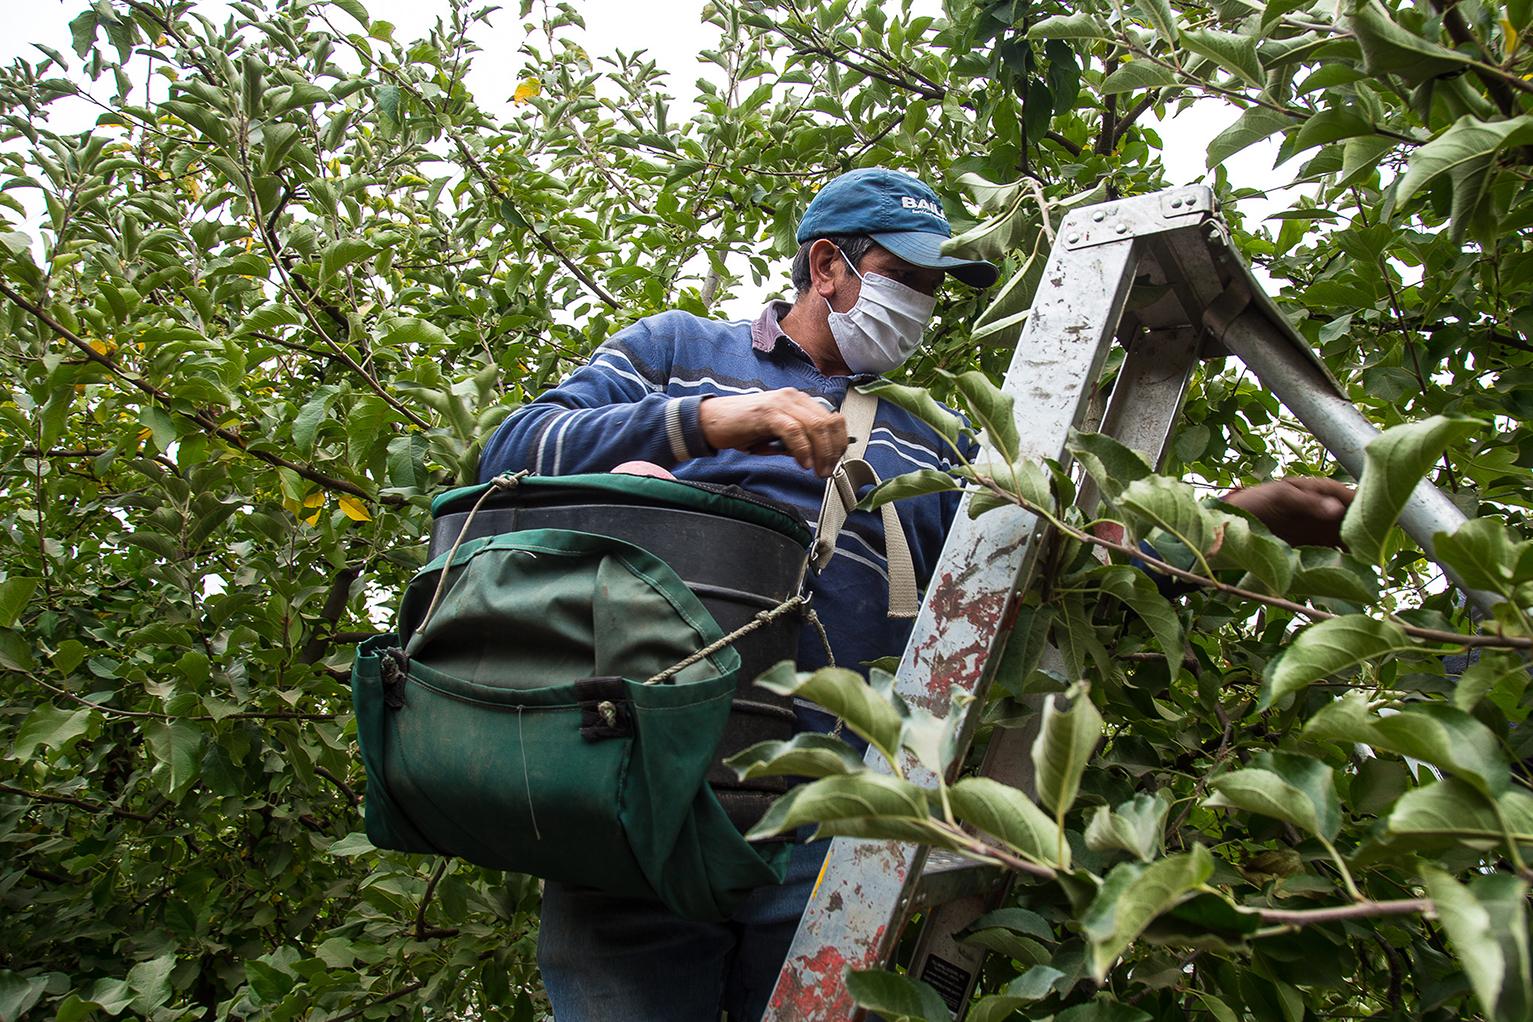 Producción frutícola en escenario de pandemia y sequía